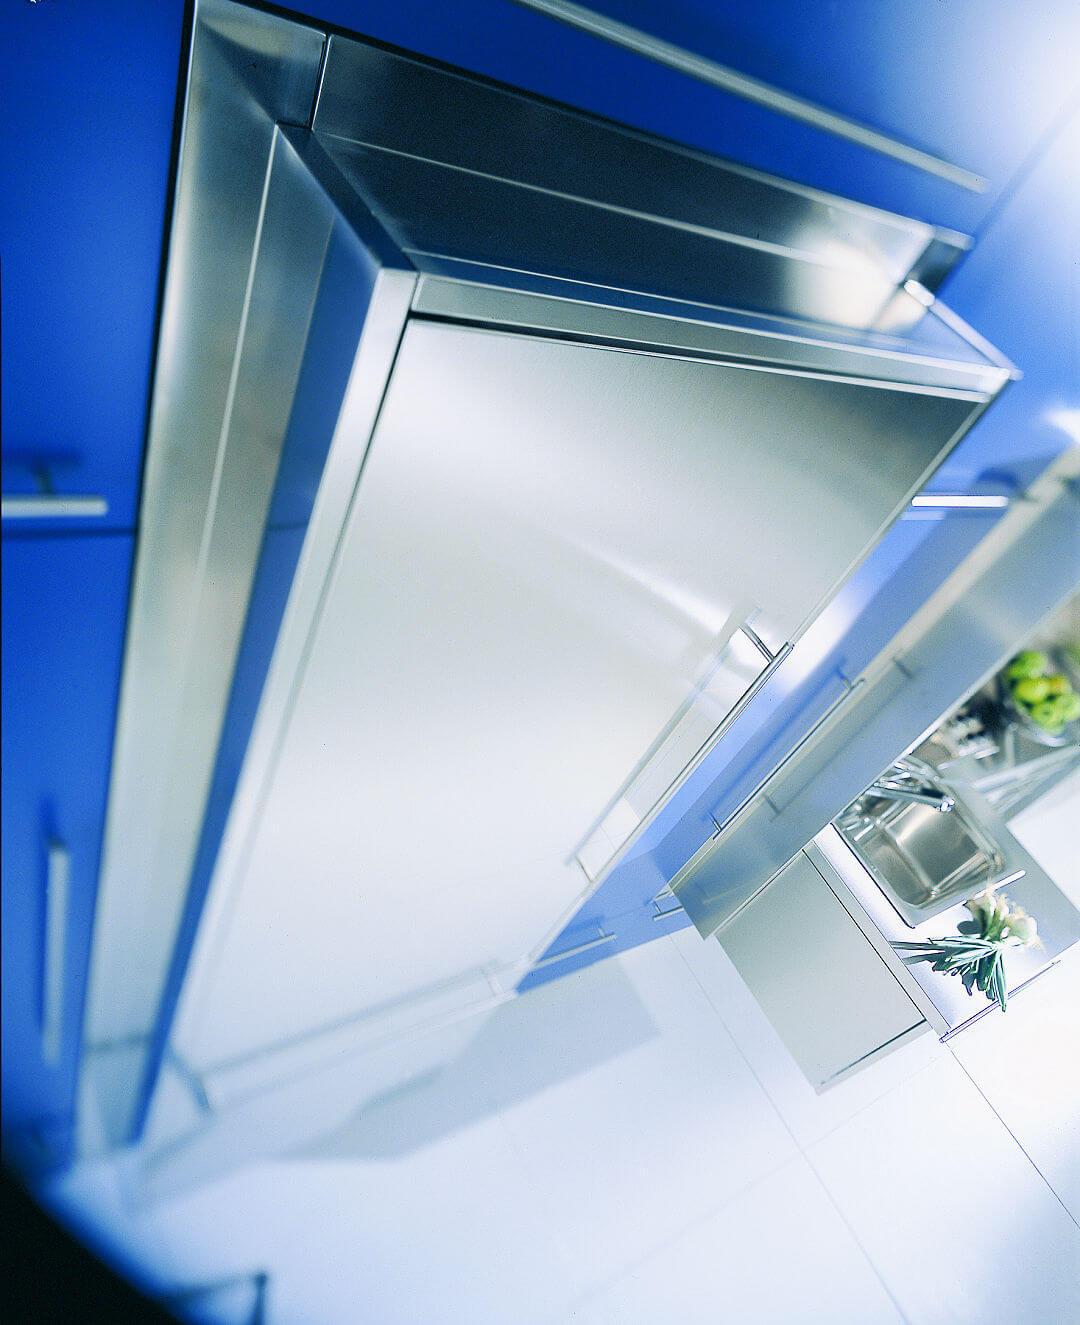 Arca Cucine Italia - Cucine Domestiche Acciaio Inox - Wall - Frigorifero